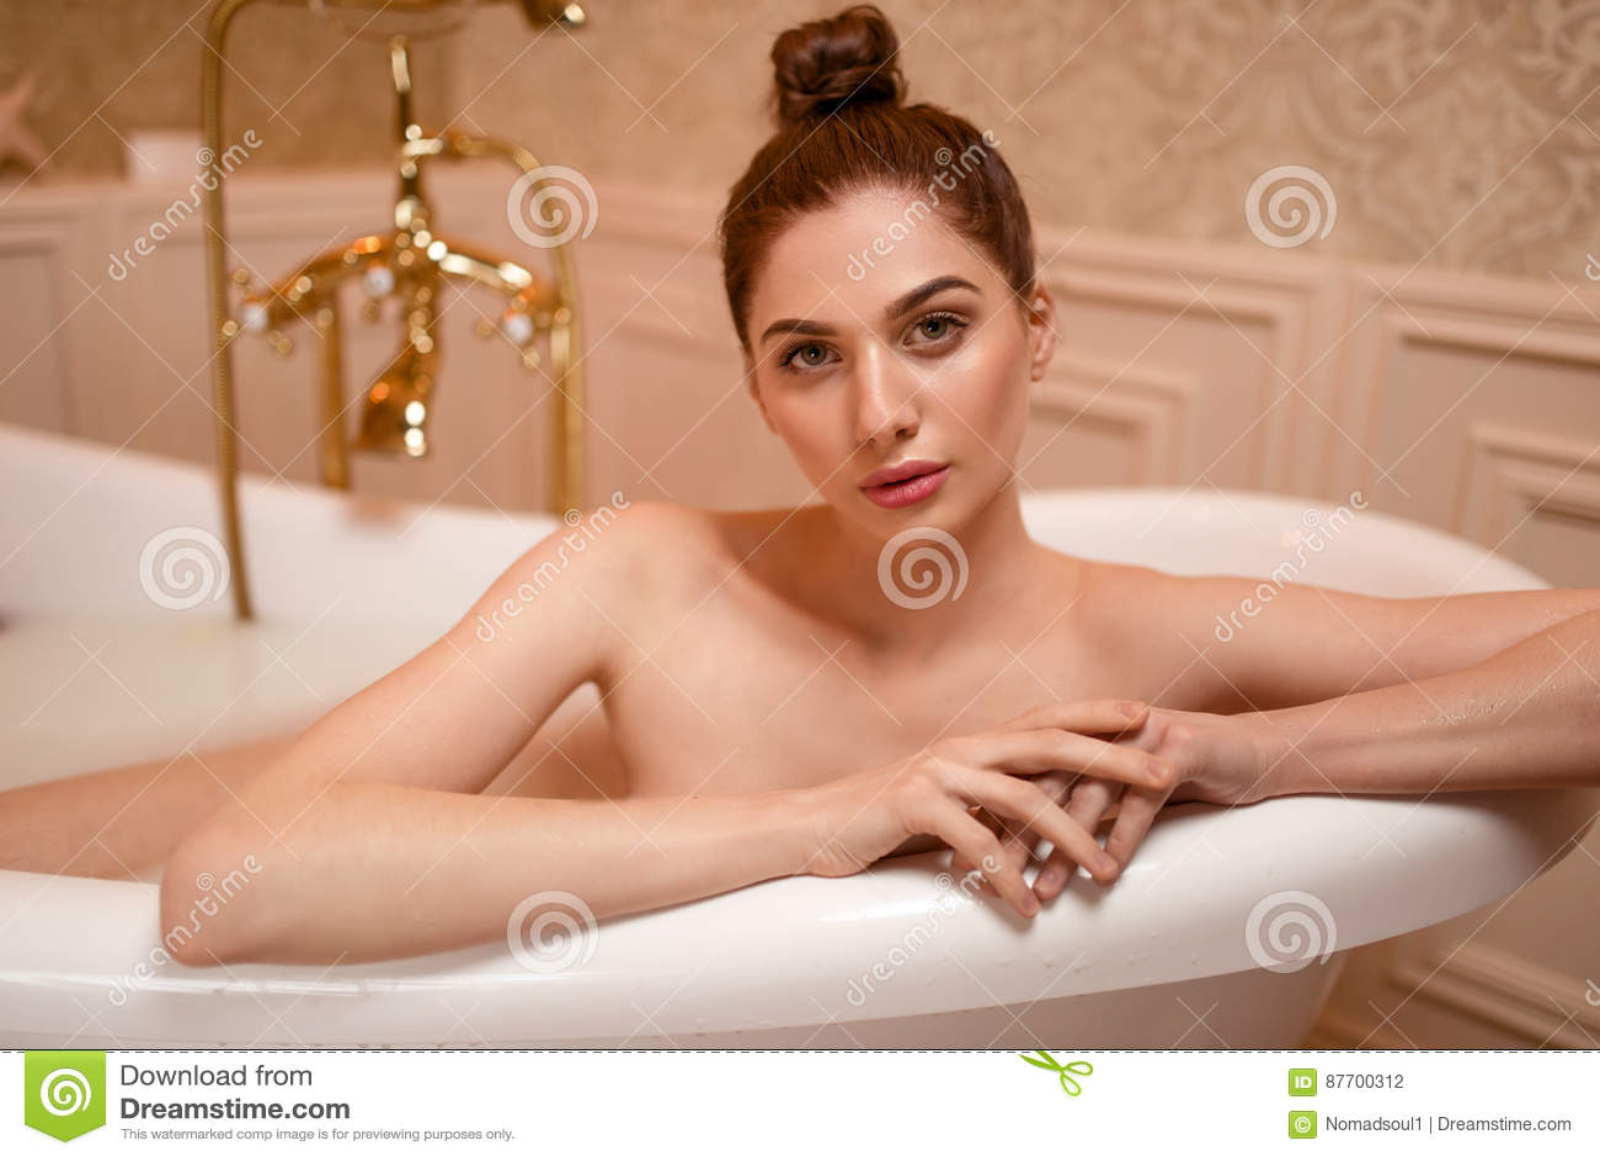 Femme dans la baignoire avec les pétales de rose et la mousse